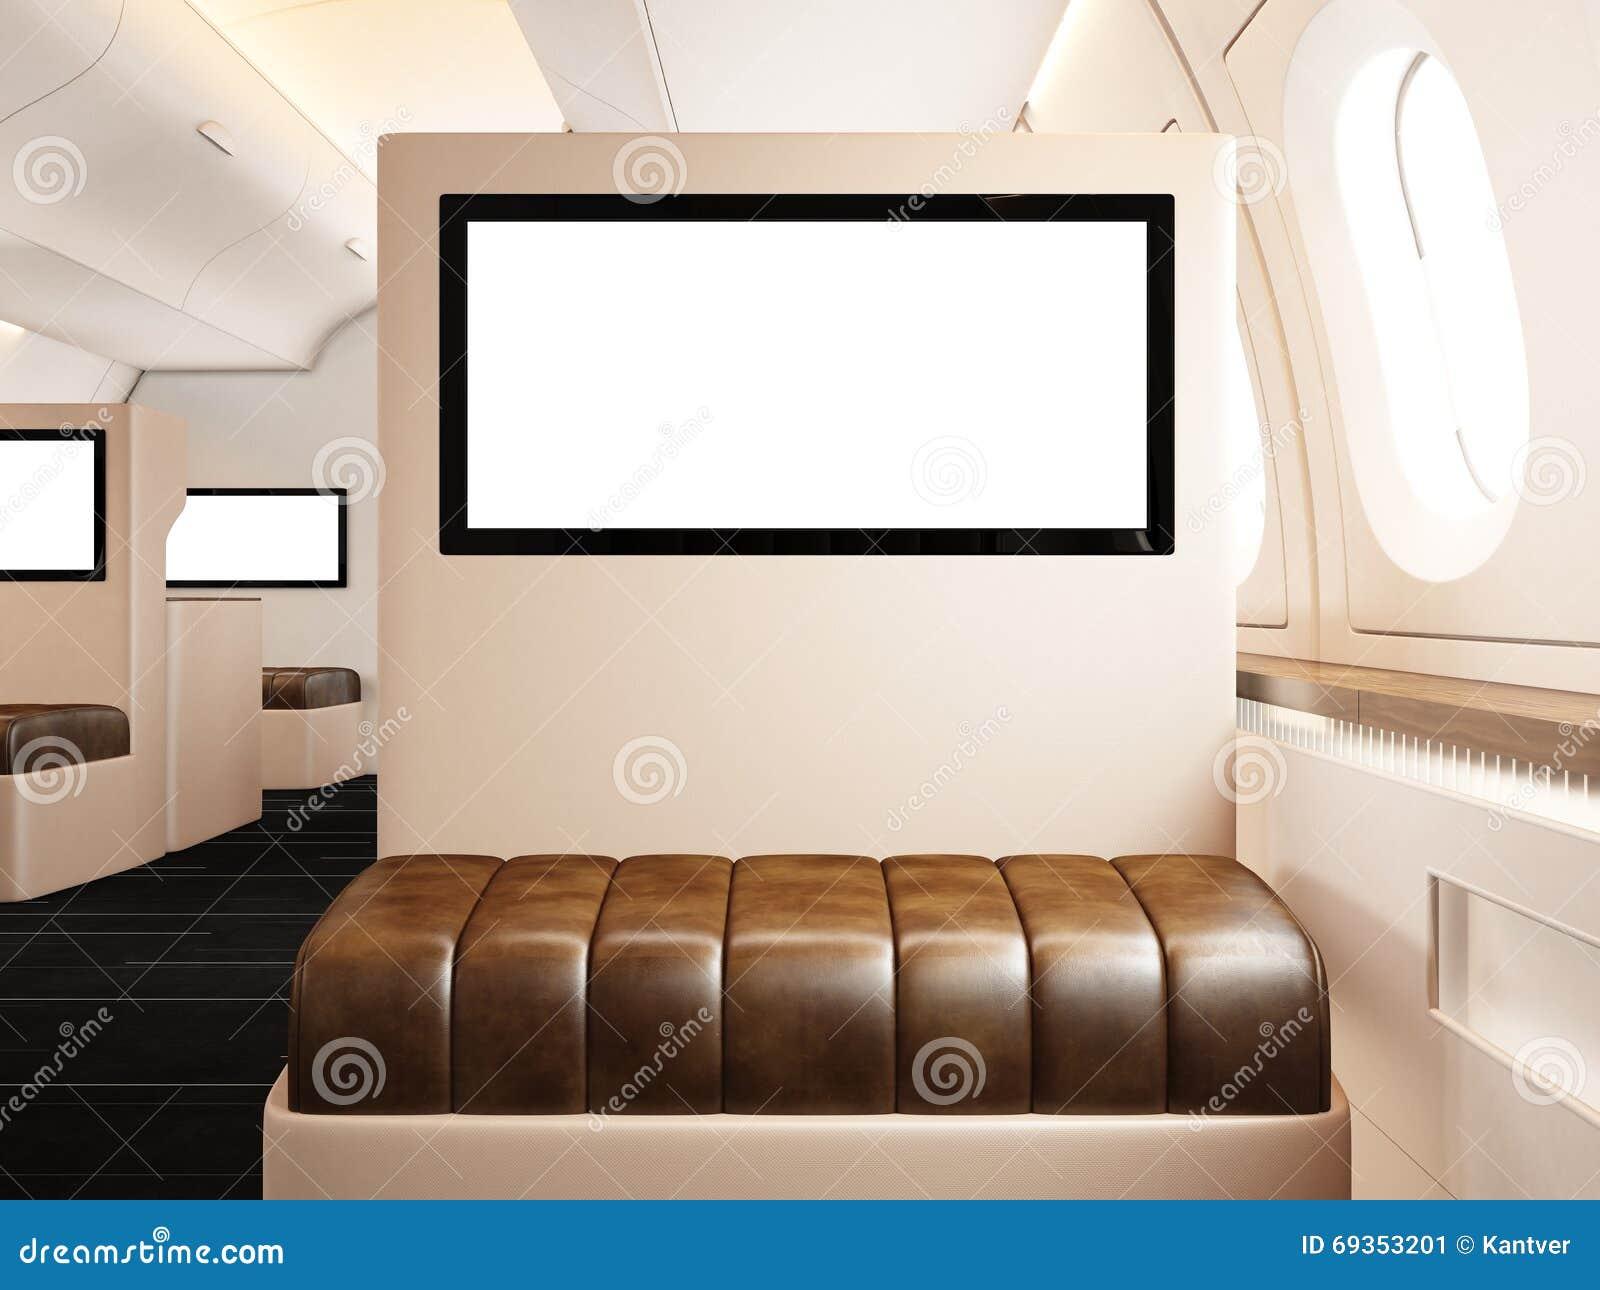 Fotobinnenland van privé vliegtuig Lege leerstoel Het lege digitale scherm klaar voor uw informatie Luxestraal